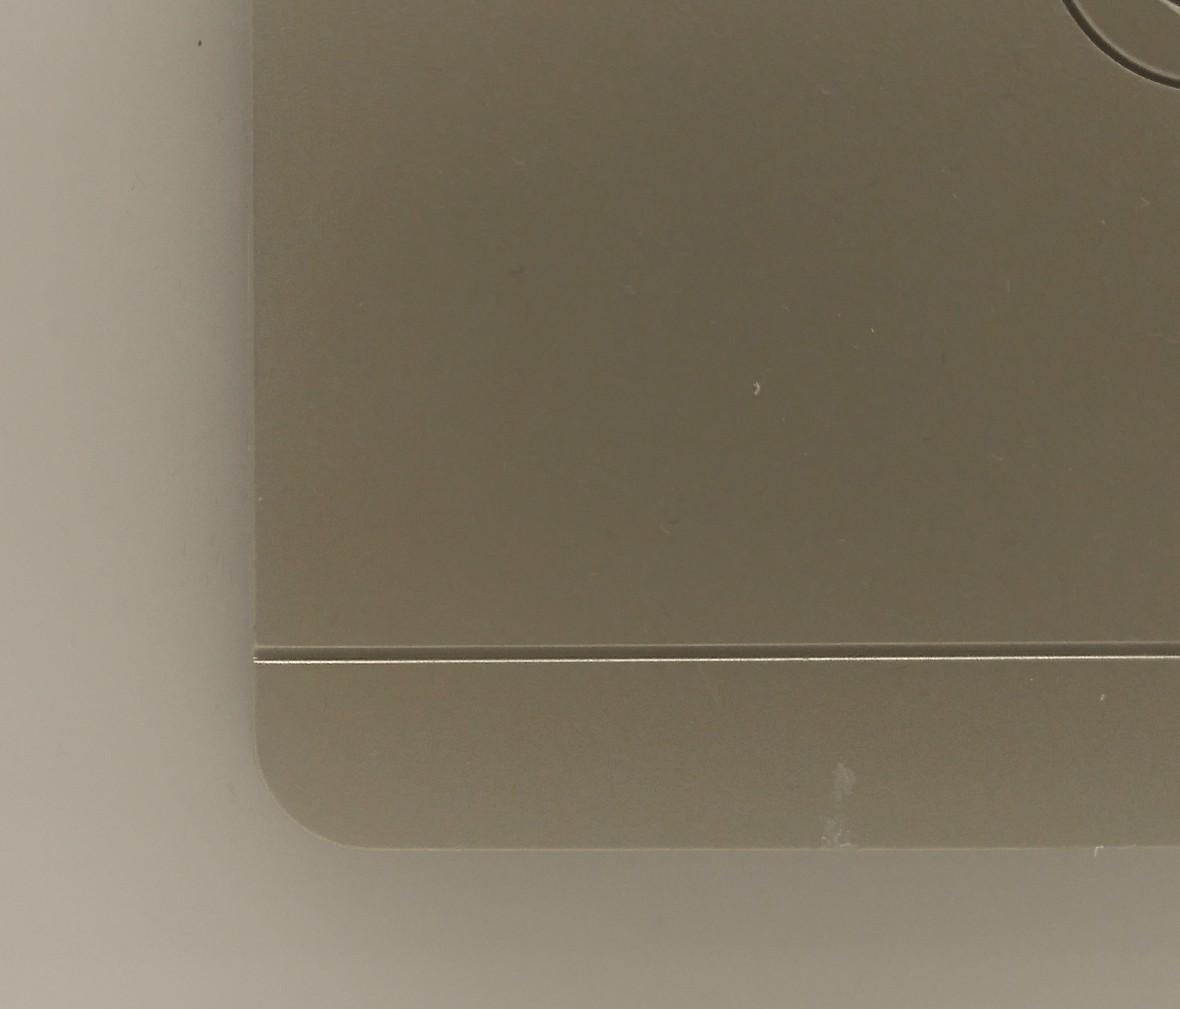 施耐德 蓝韵系列 电视插座 PC材质 耐高温 防漏电 安全插座 细节